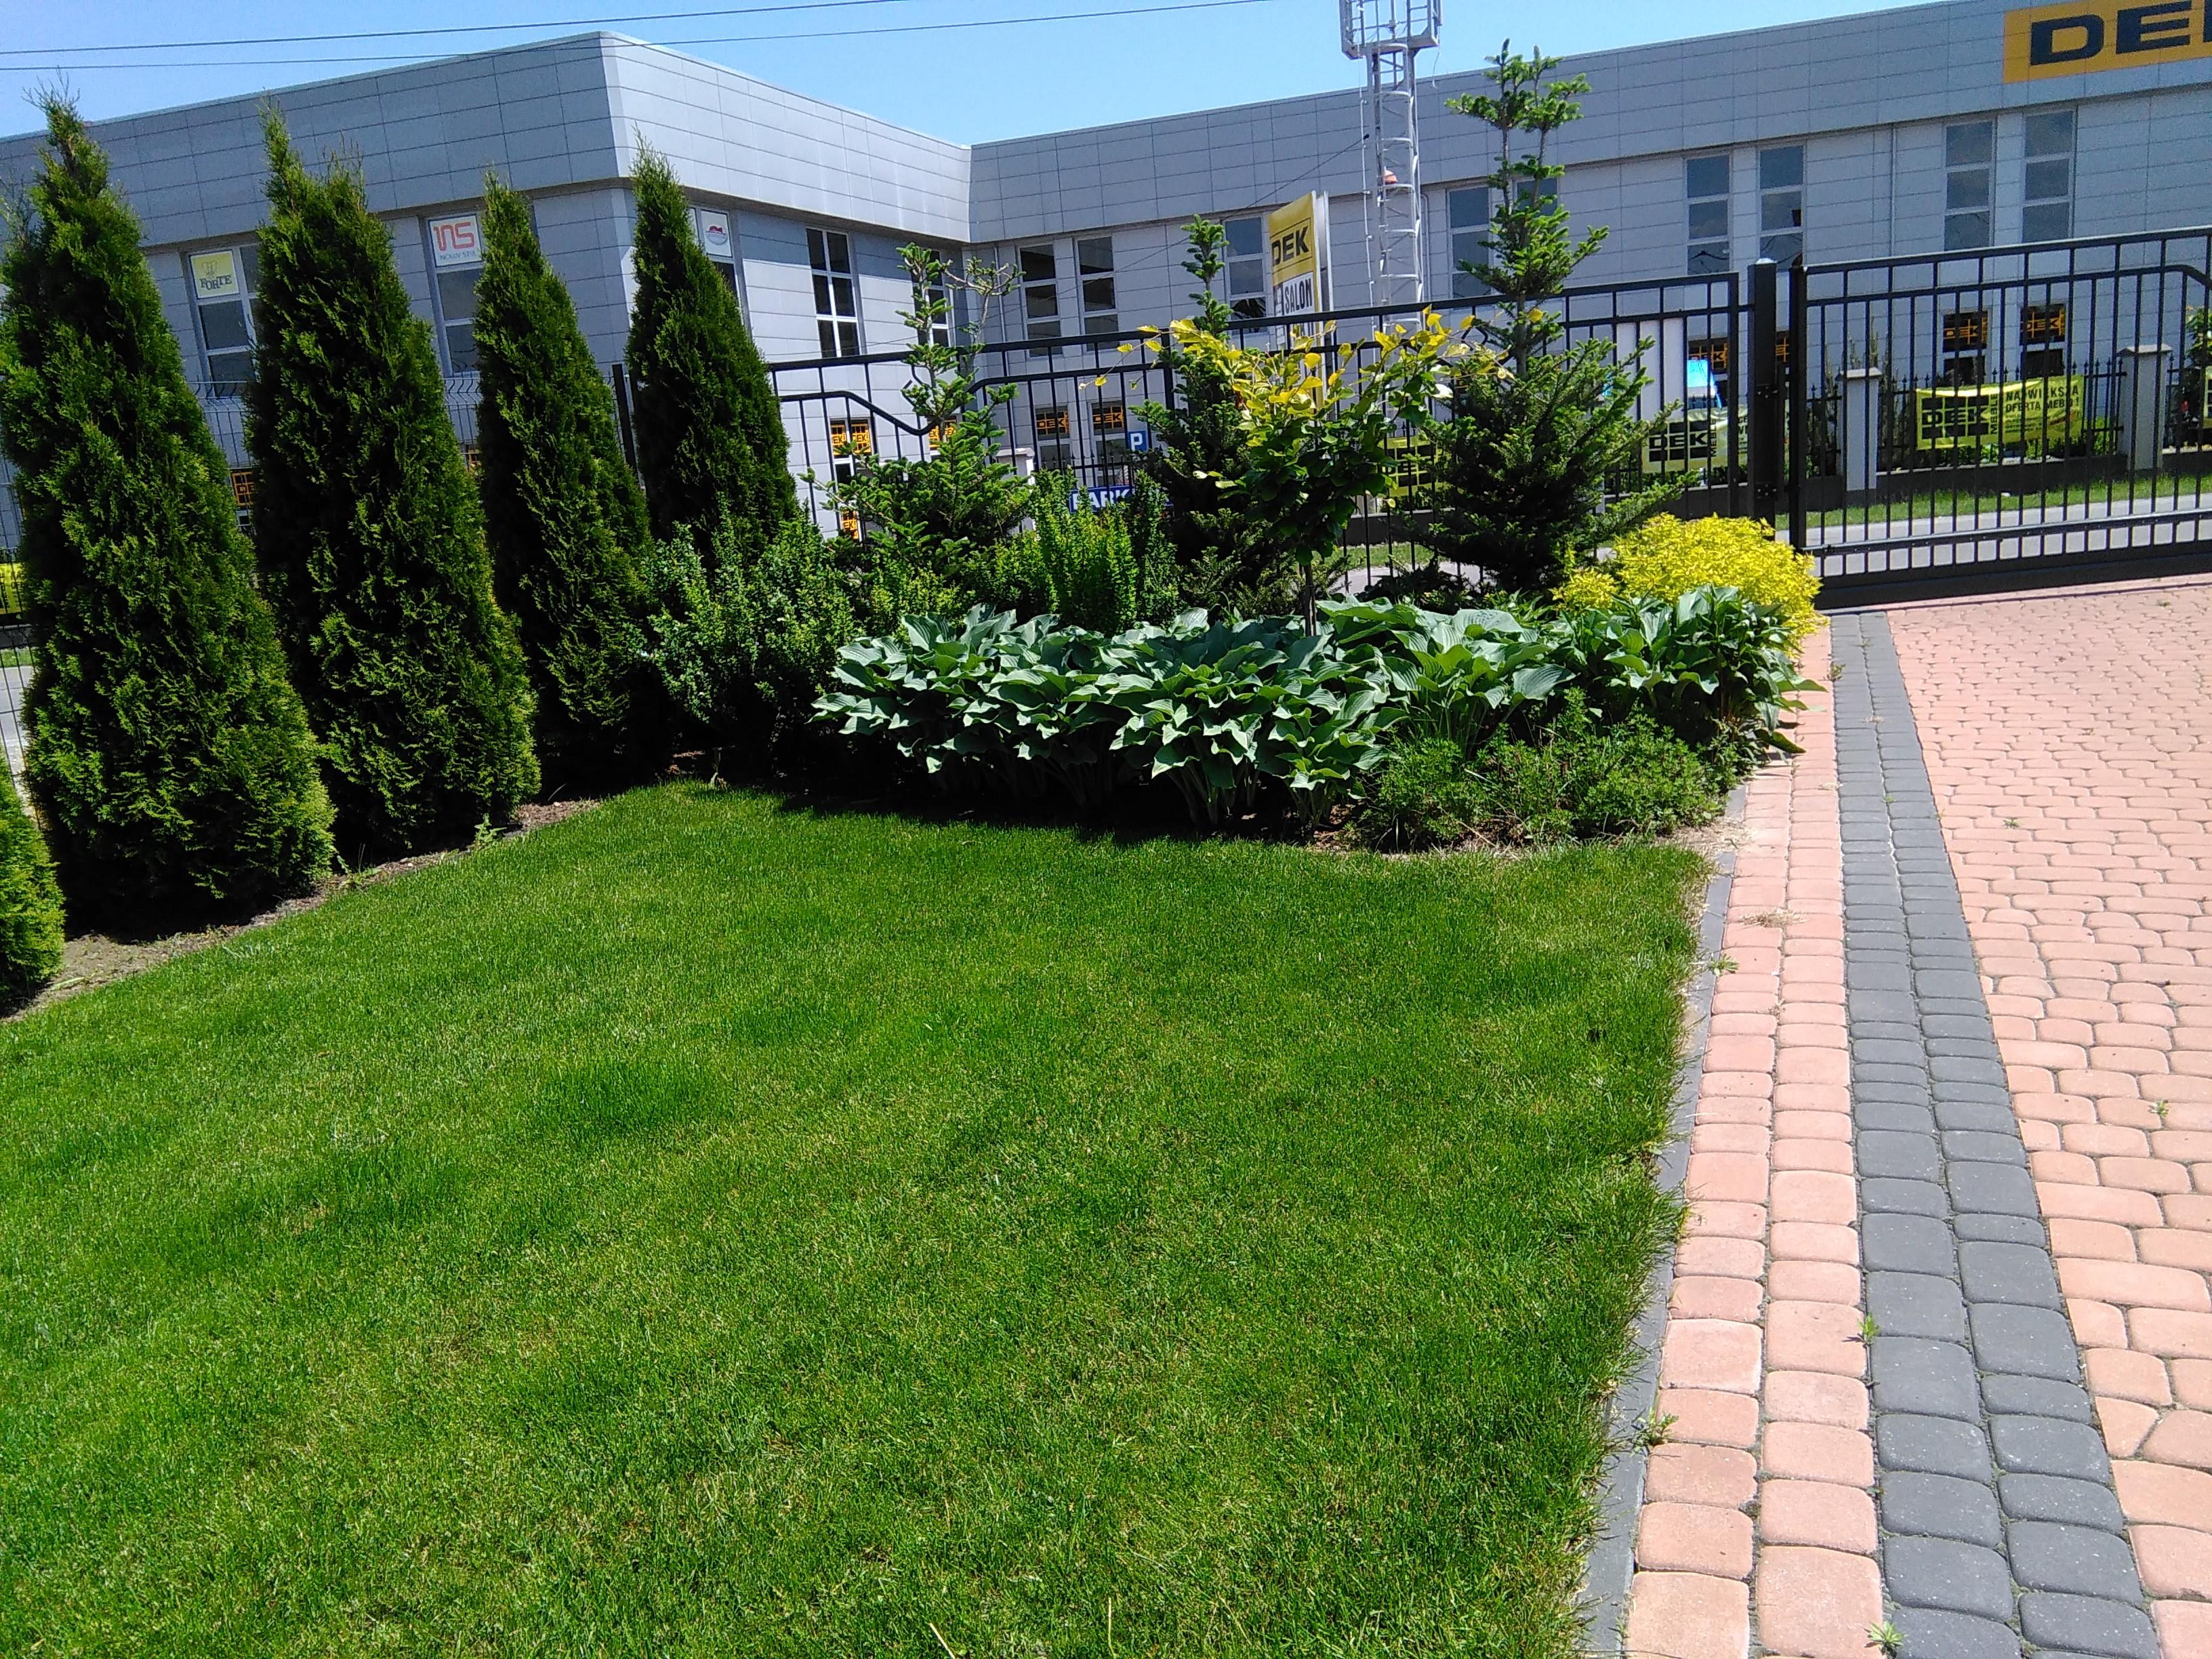 Realizacje Galeria 001 Garden Design Projektowanie Ogrodów